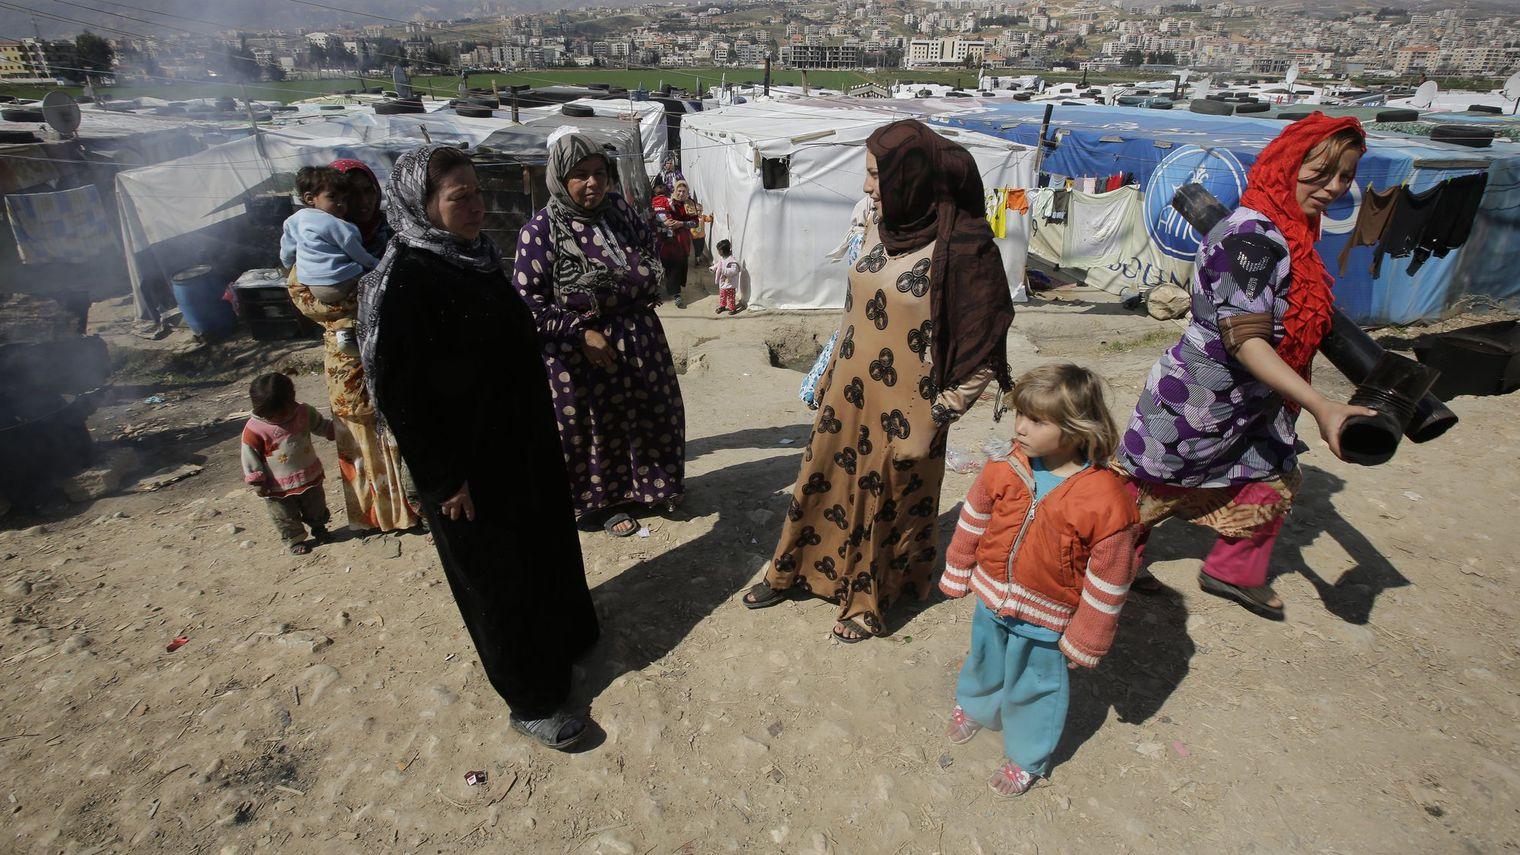 400 000 réfugiés syriens sont installés dans plaine de la Bekaa au Liban. L'ONG Women Now for Development est présente sur place où elle offre formations et assistance légale aux femmes et à leurs enfants.